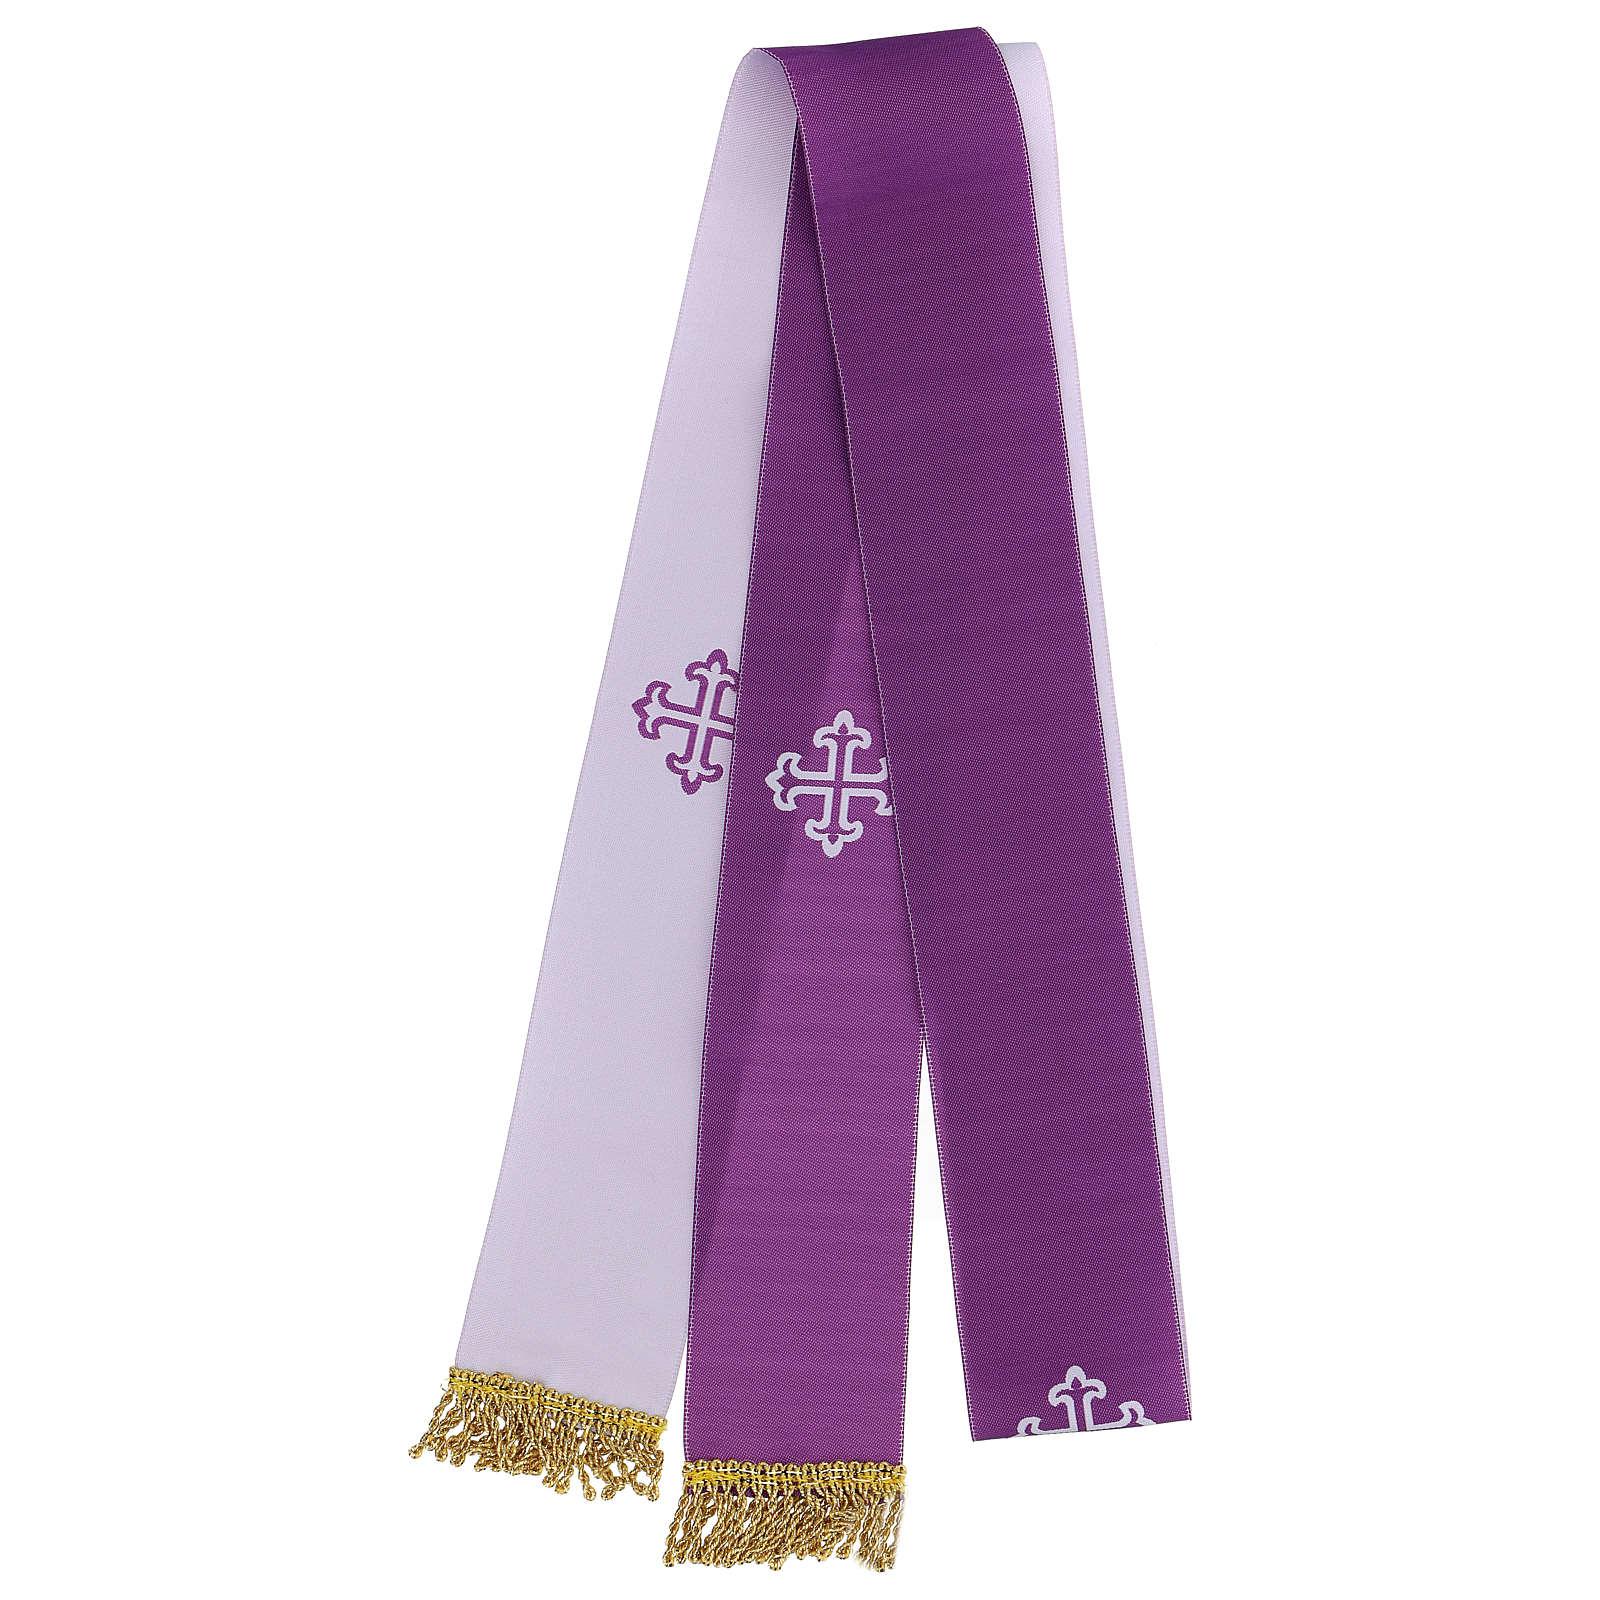 Stoletta bicolore bianco viola frangia dorata 4